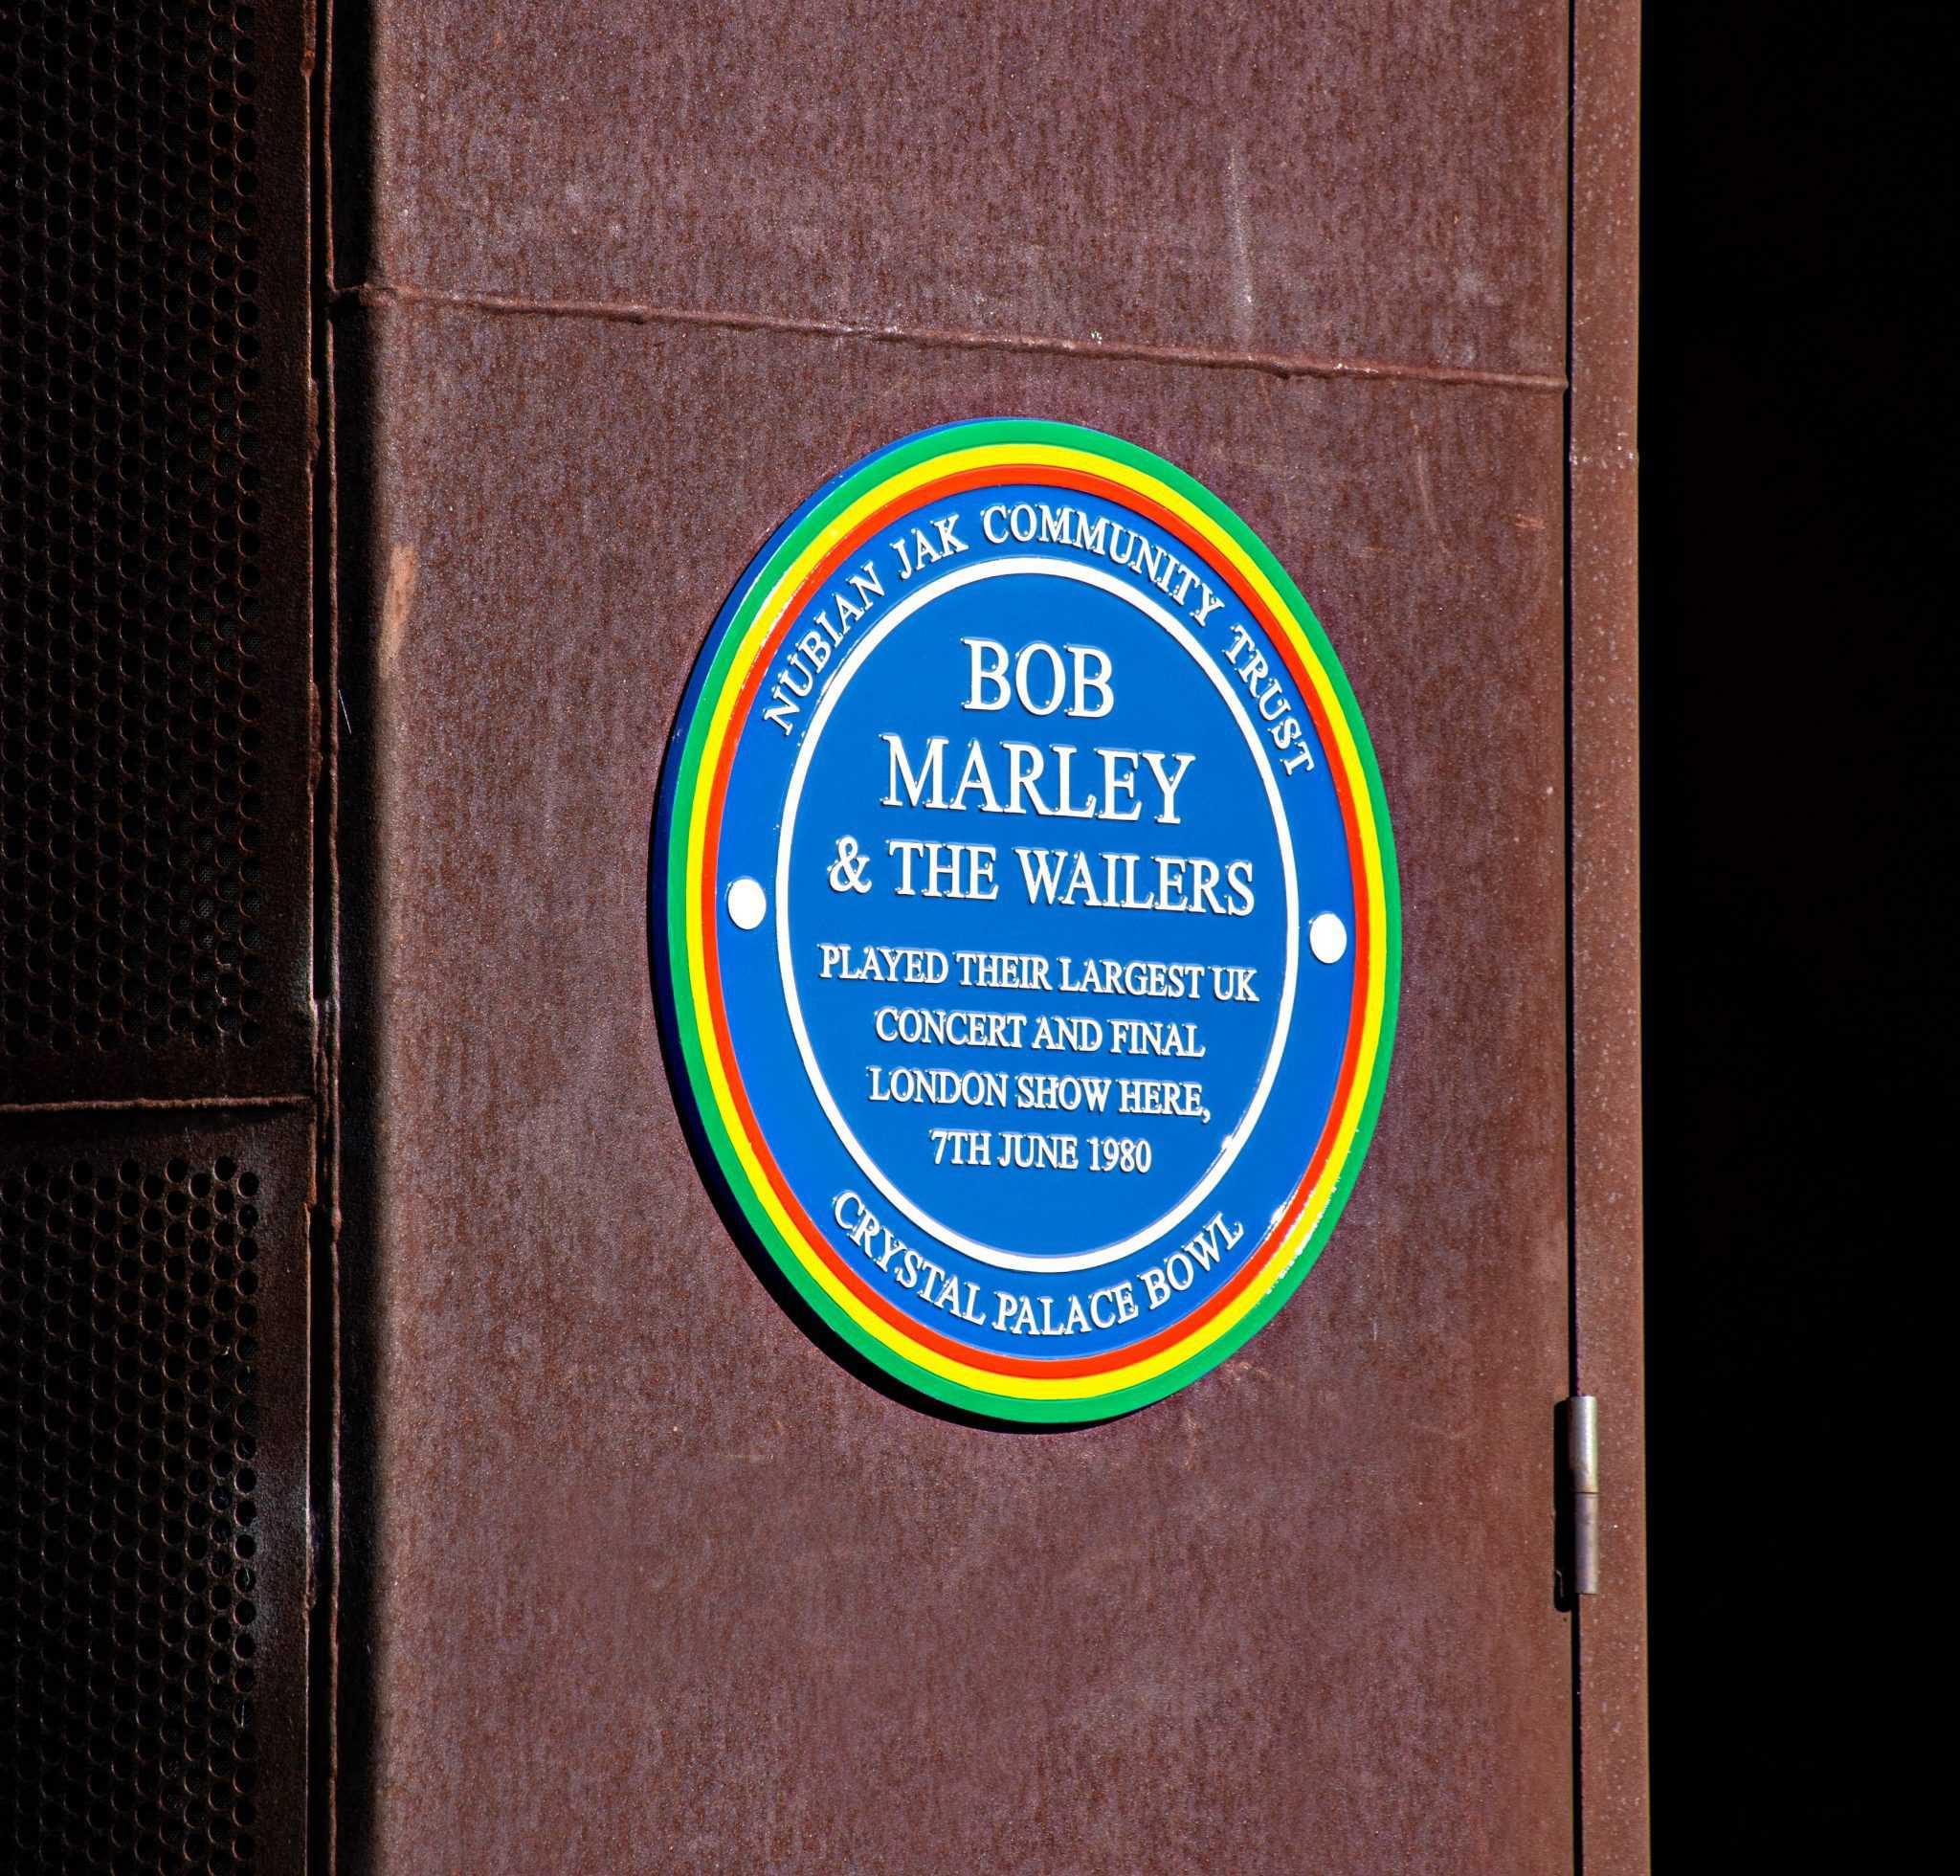 Bob Marley Blue Plaque at Crystal Palace Bowl, 2020